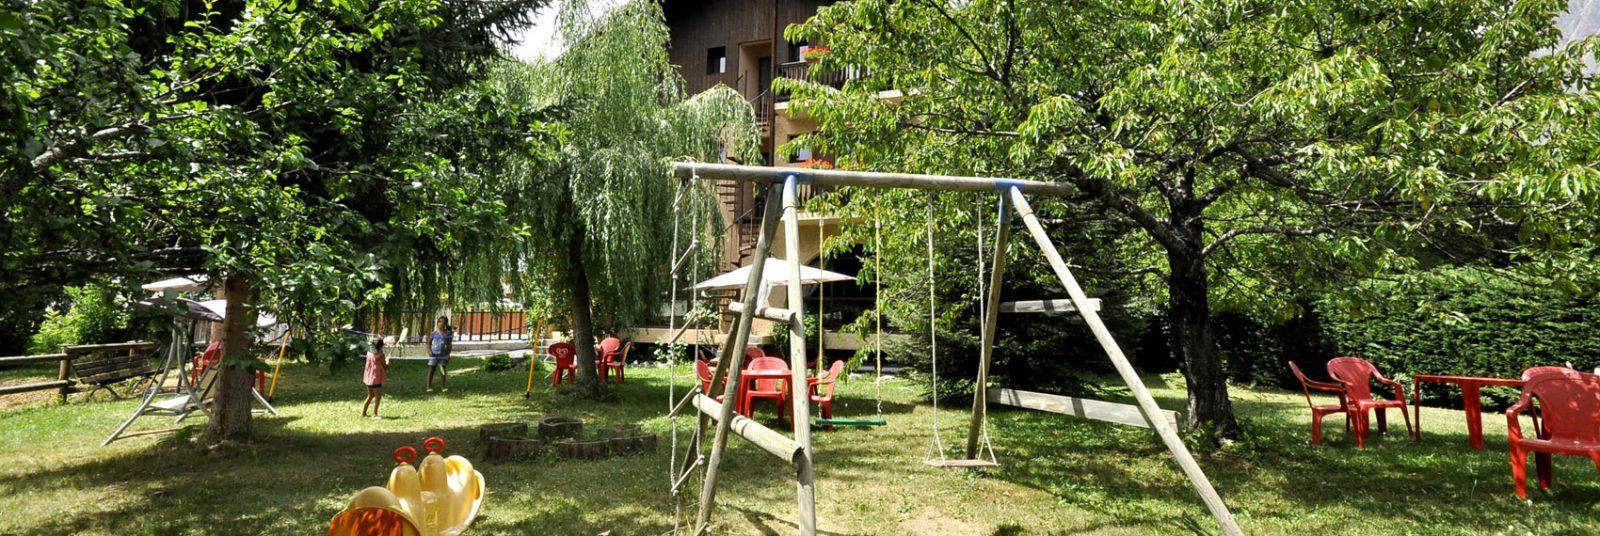 Hôtel Aigliere, jardin avec balançoires pour vos vacances à la montagne